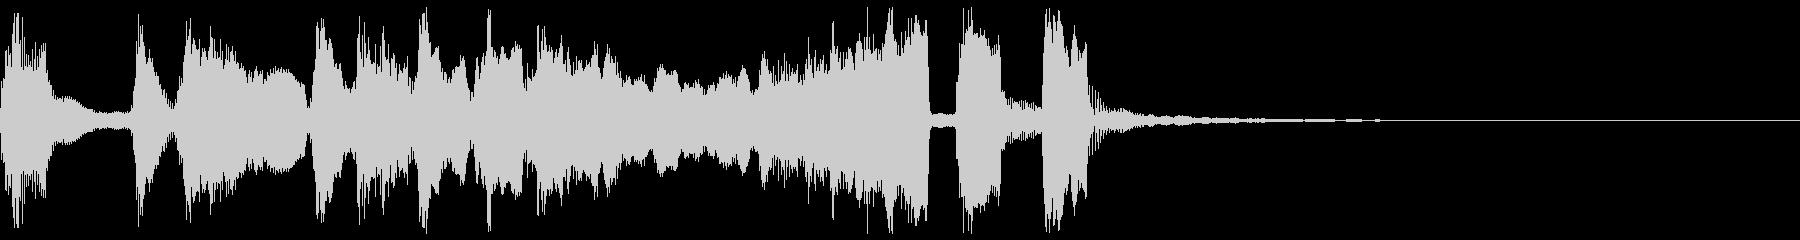 シンプルなファンファーレ3+ハモの未再生の波形